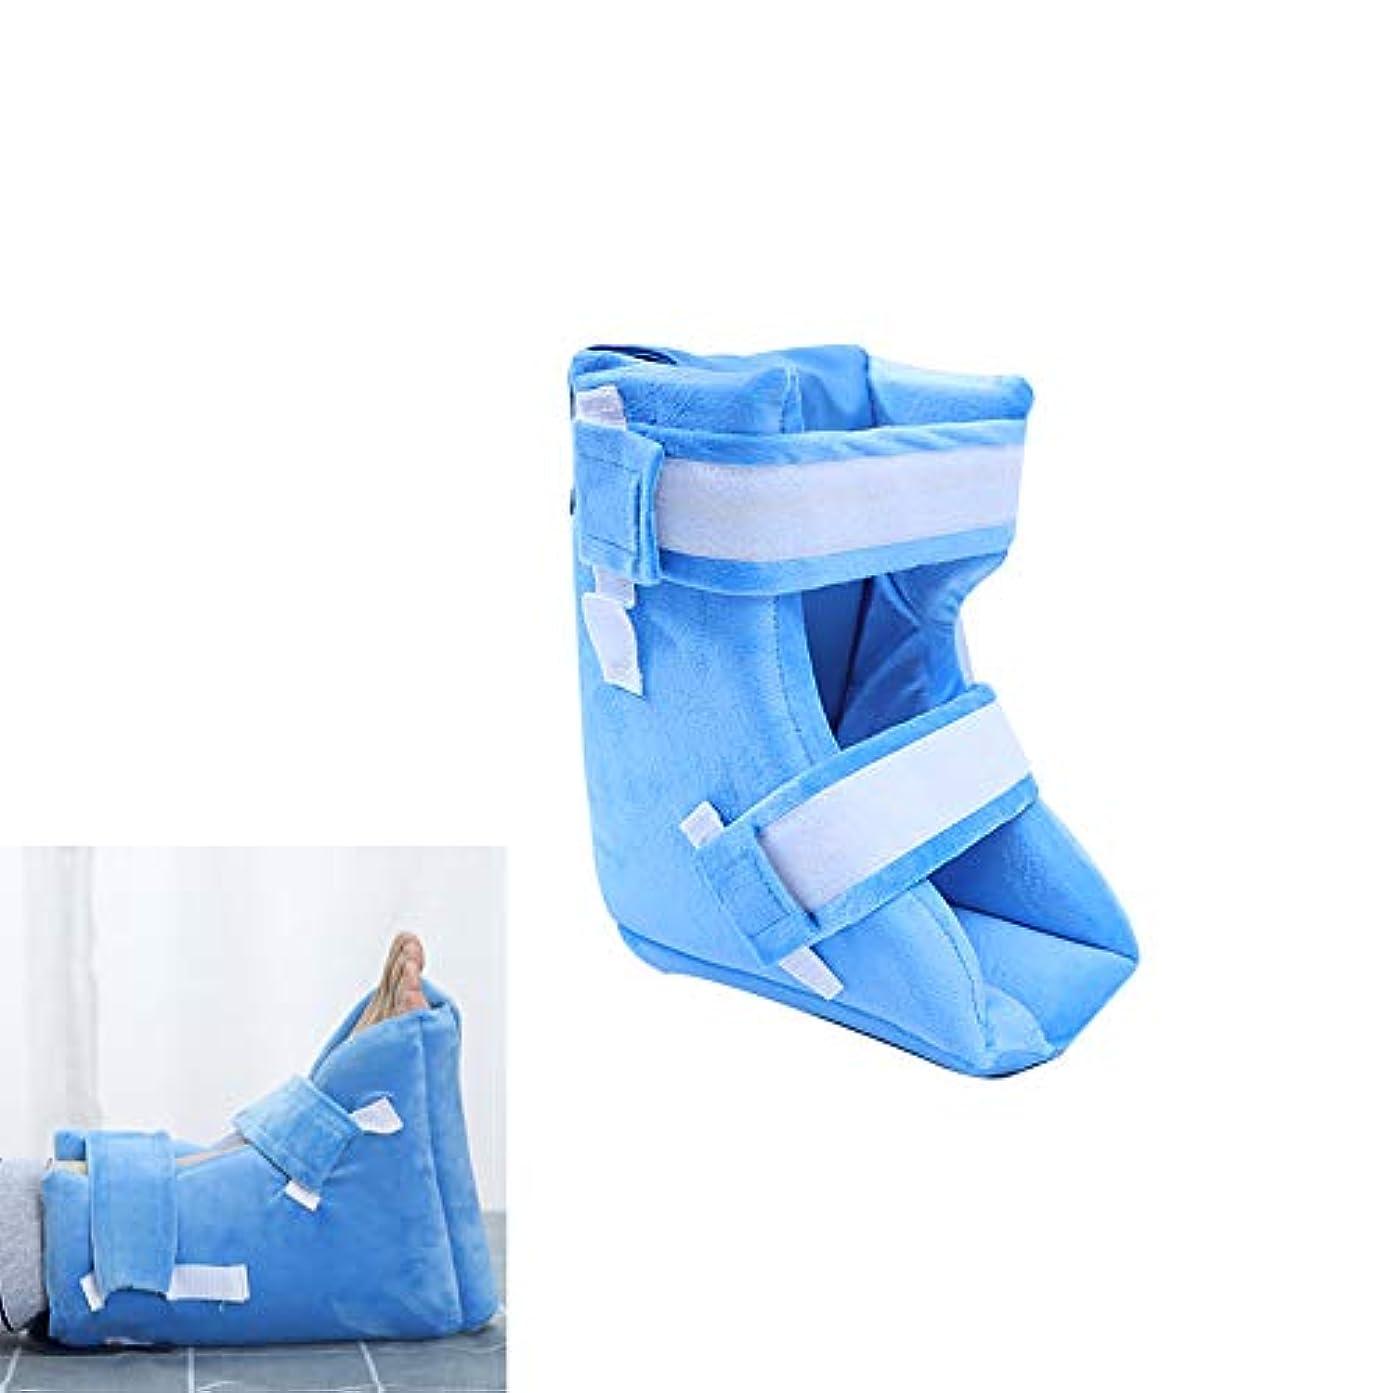 遺体安置所非常に怒っています謎ヒールクッションプロテクター - 足枕パッド - ヒールと足首の保護ブーツガード - 足、肘、かかと - ベッド&褥瘡を保護します,2pcs